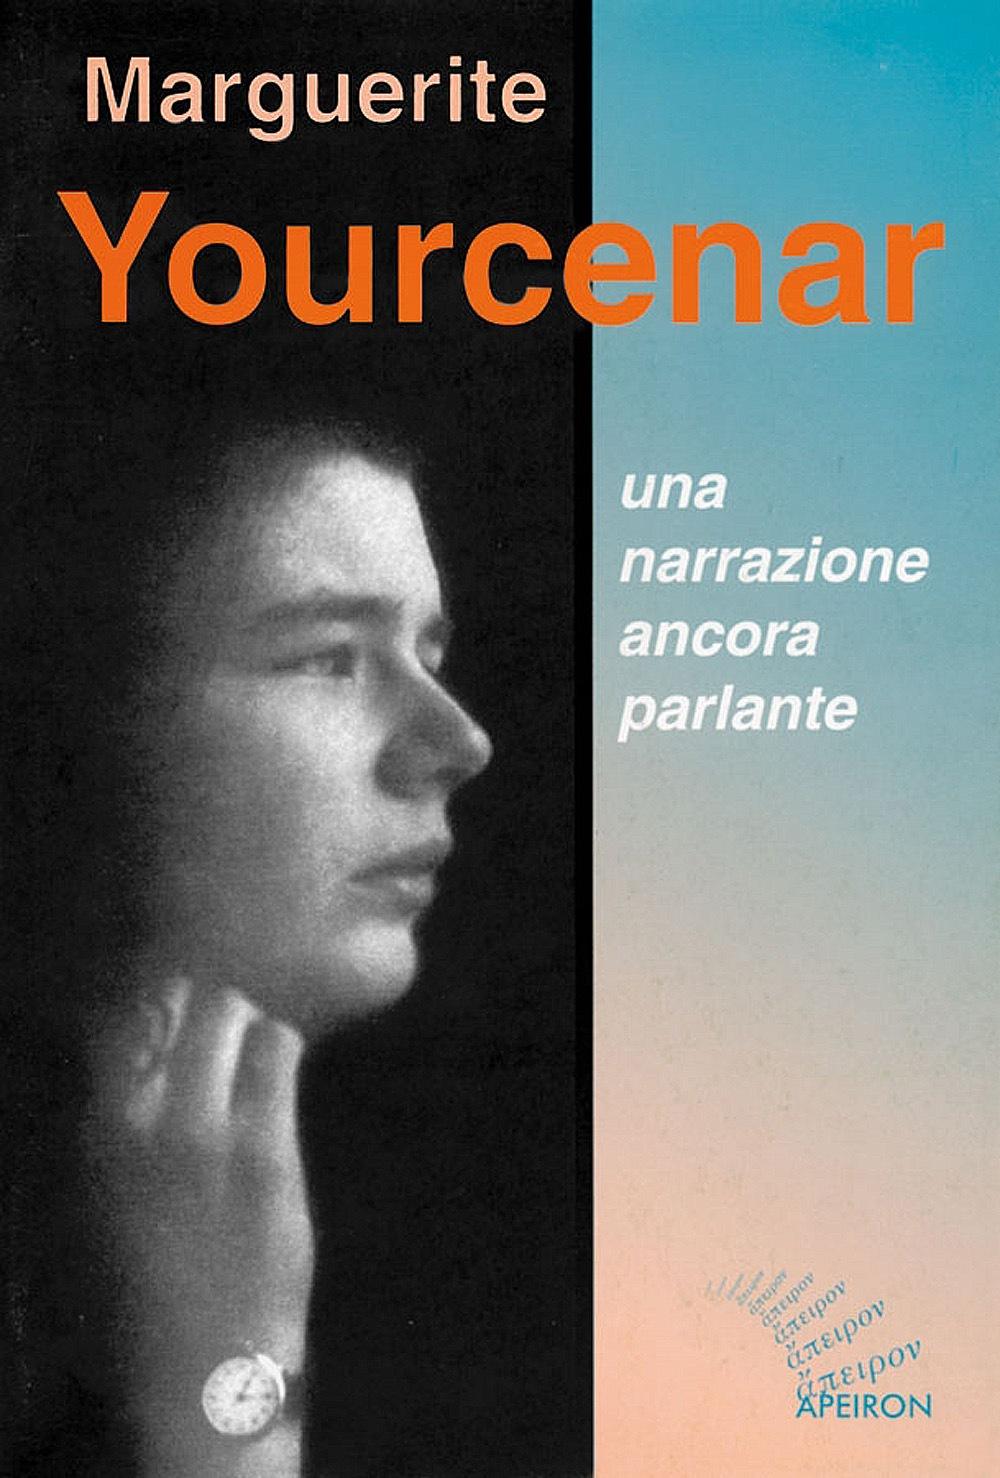 Marguerite Yourcenar. Una narrazione ancora parlante